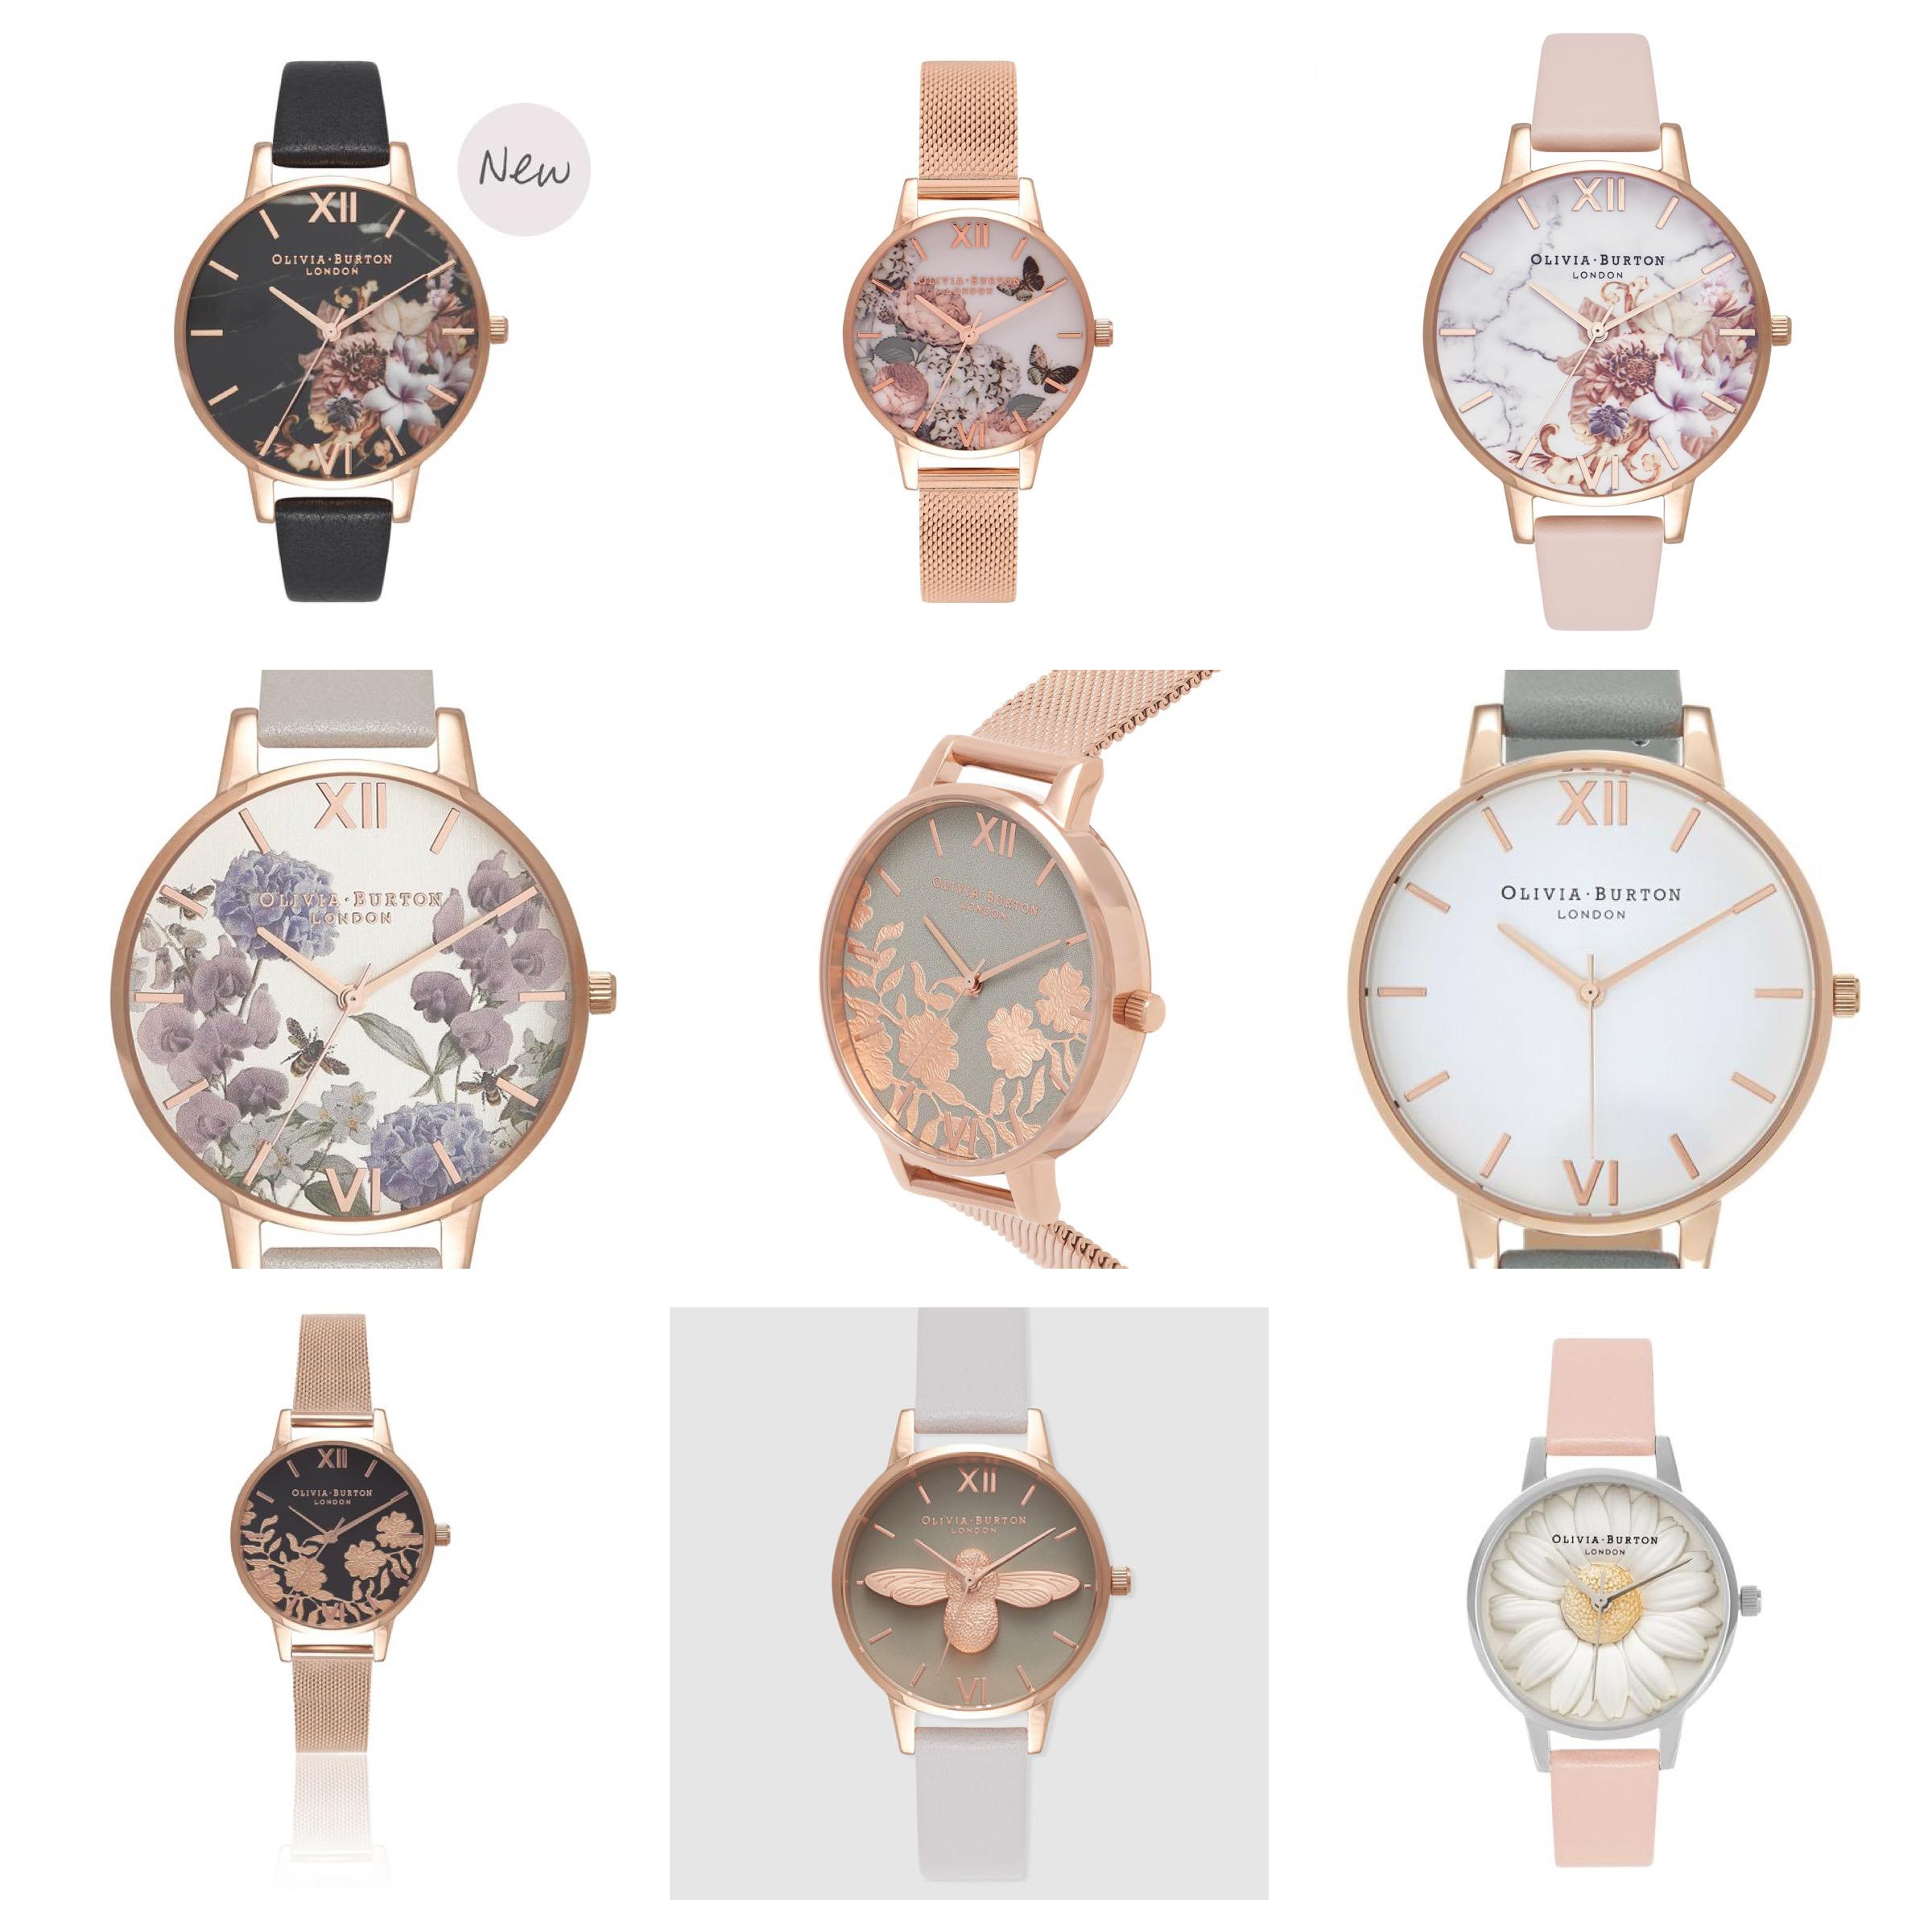 Relojes de mujer de Olivia Burton, Joyería Fuentefría.